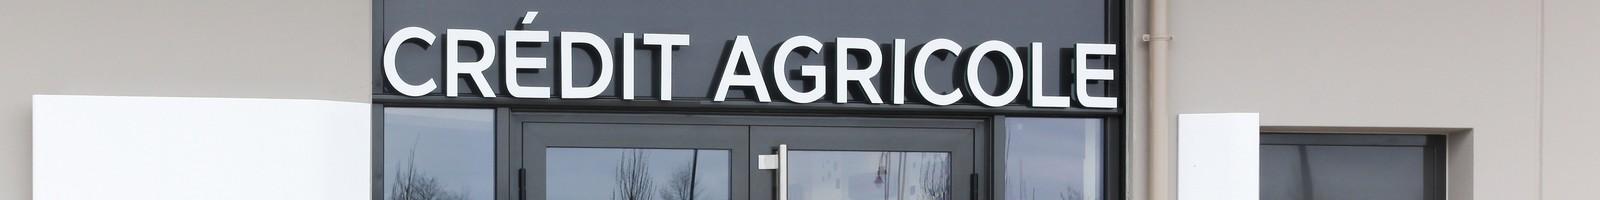 Le Crédit Agricole Assurances souhaite élargir son marché avec des offres destinées aux entreprises